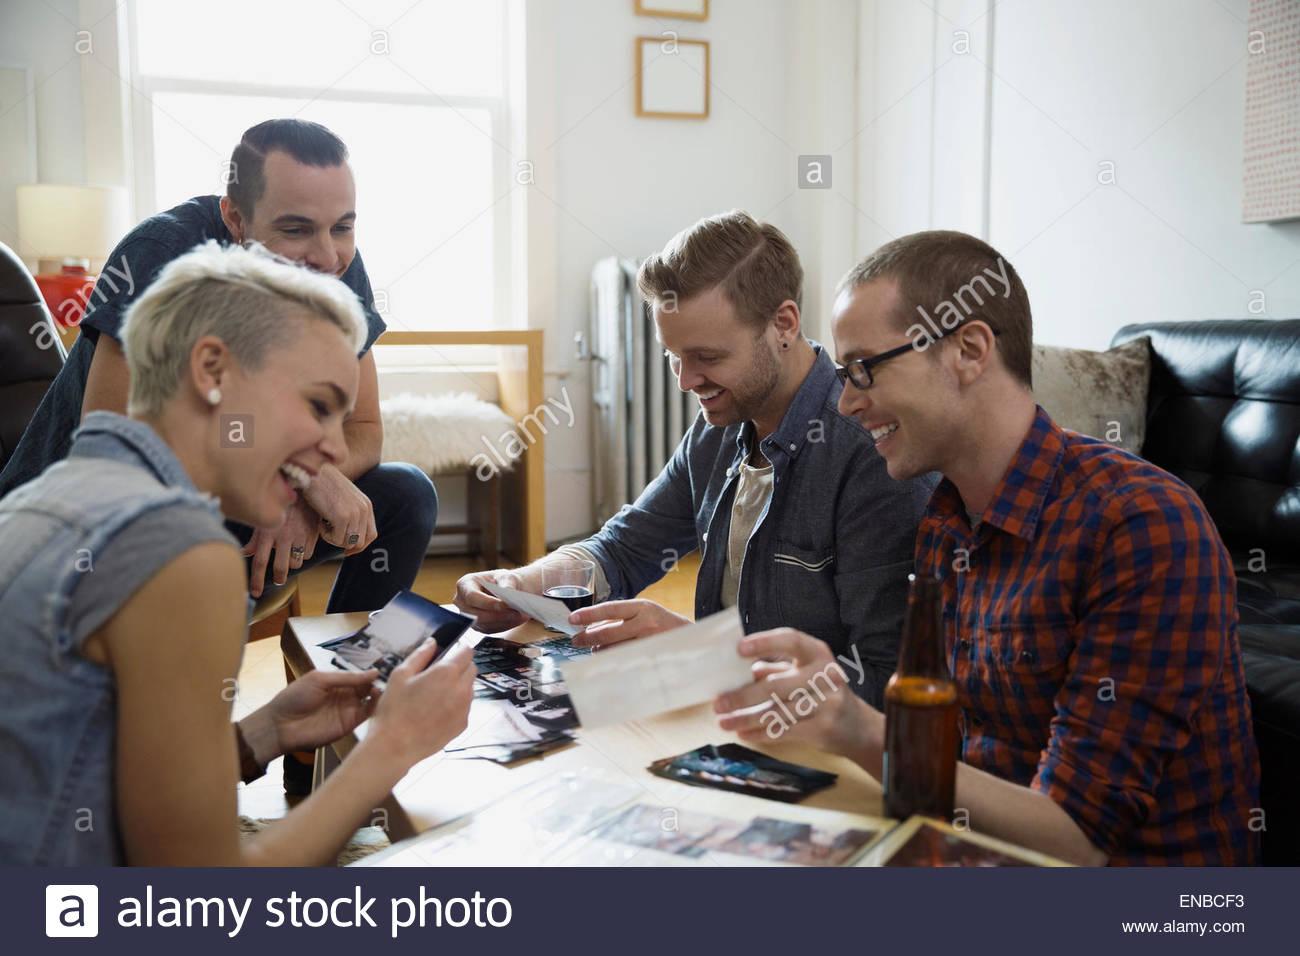 Les amis à la recherche de photographies à boire de la bière salon Photo Stock